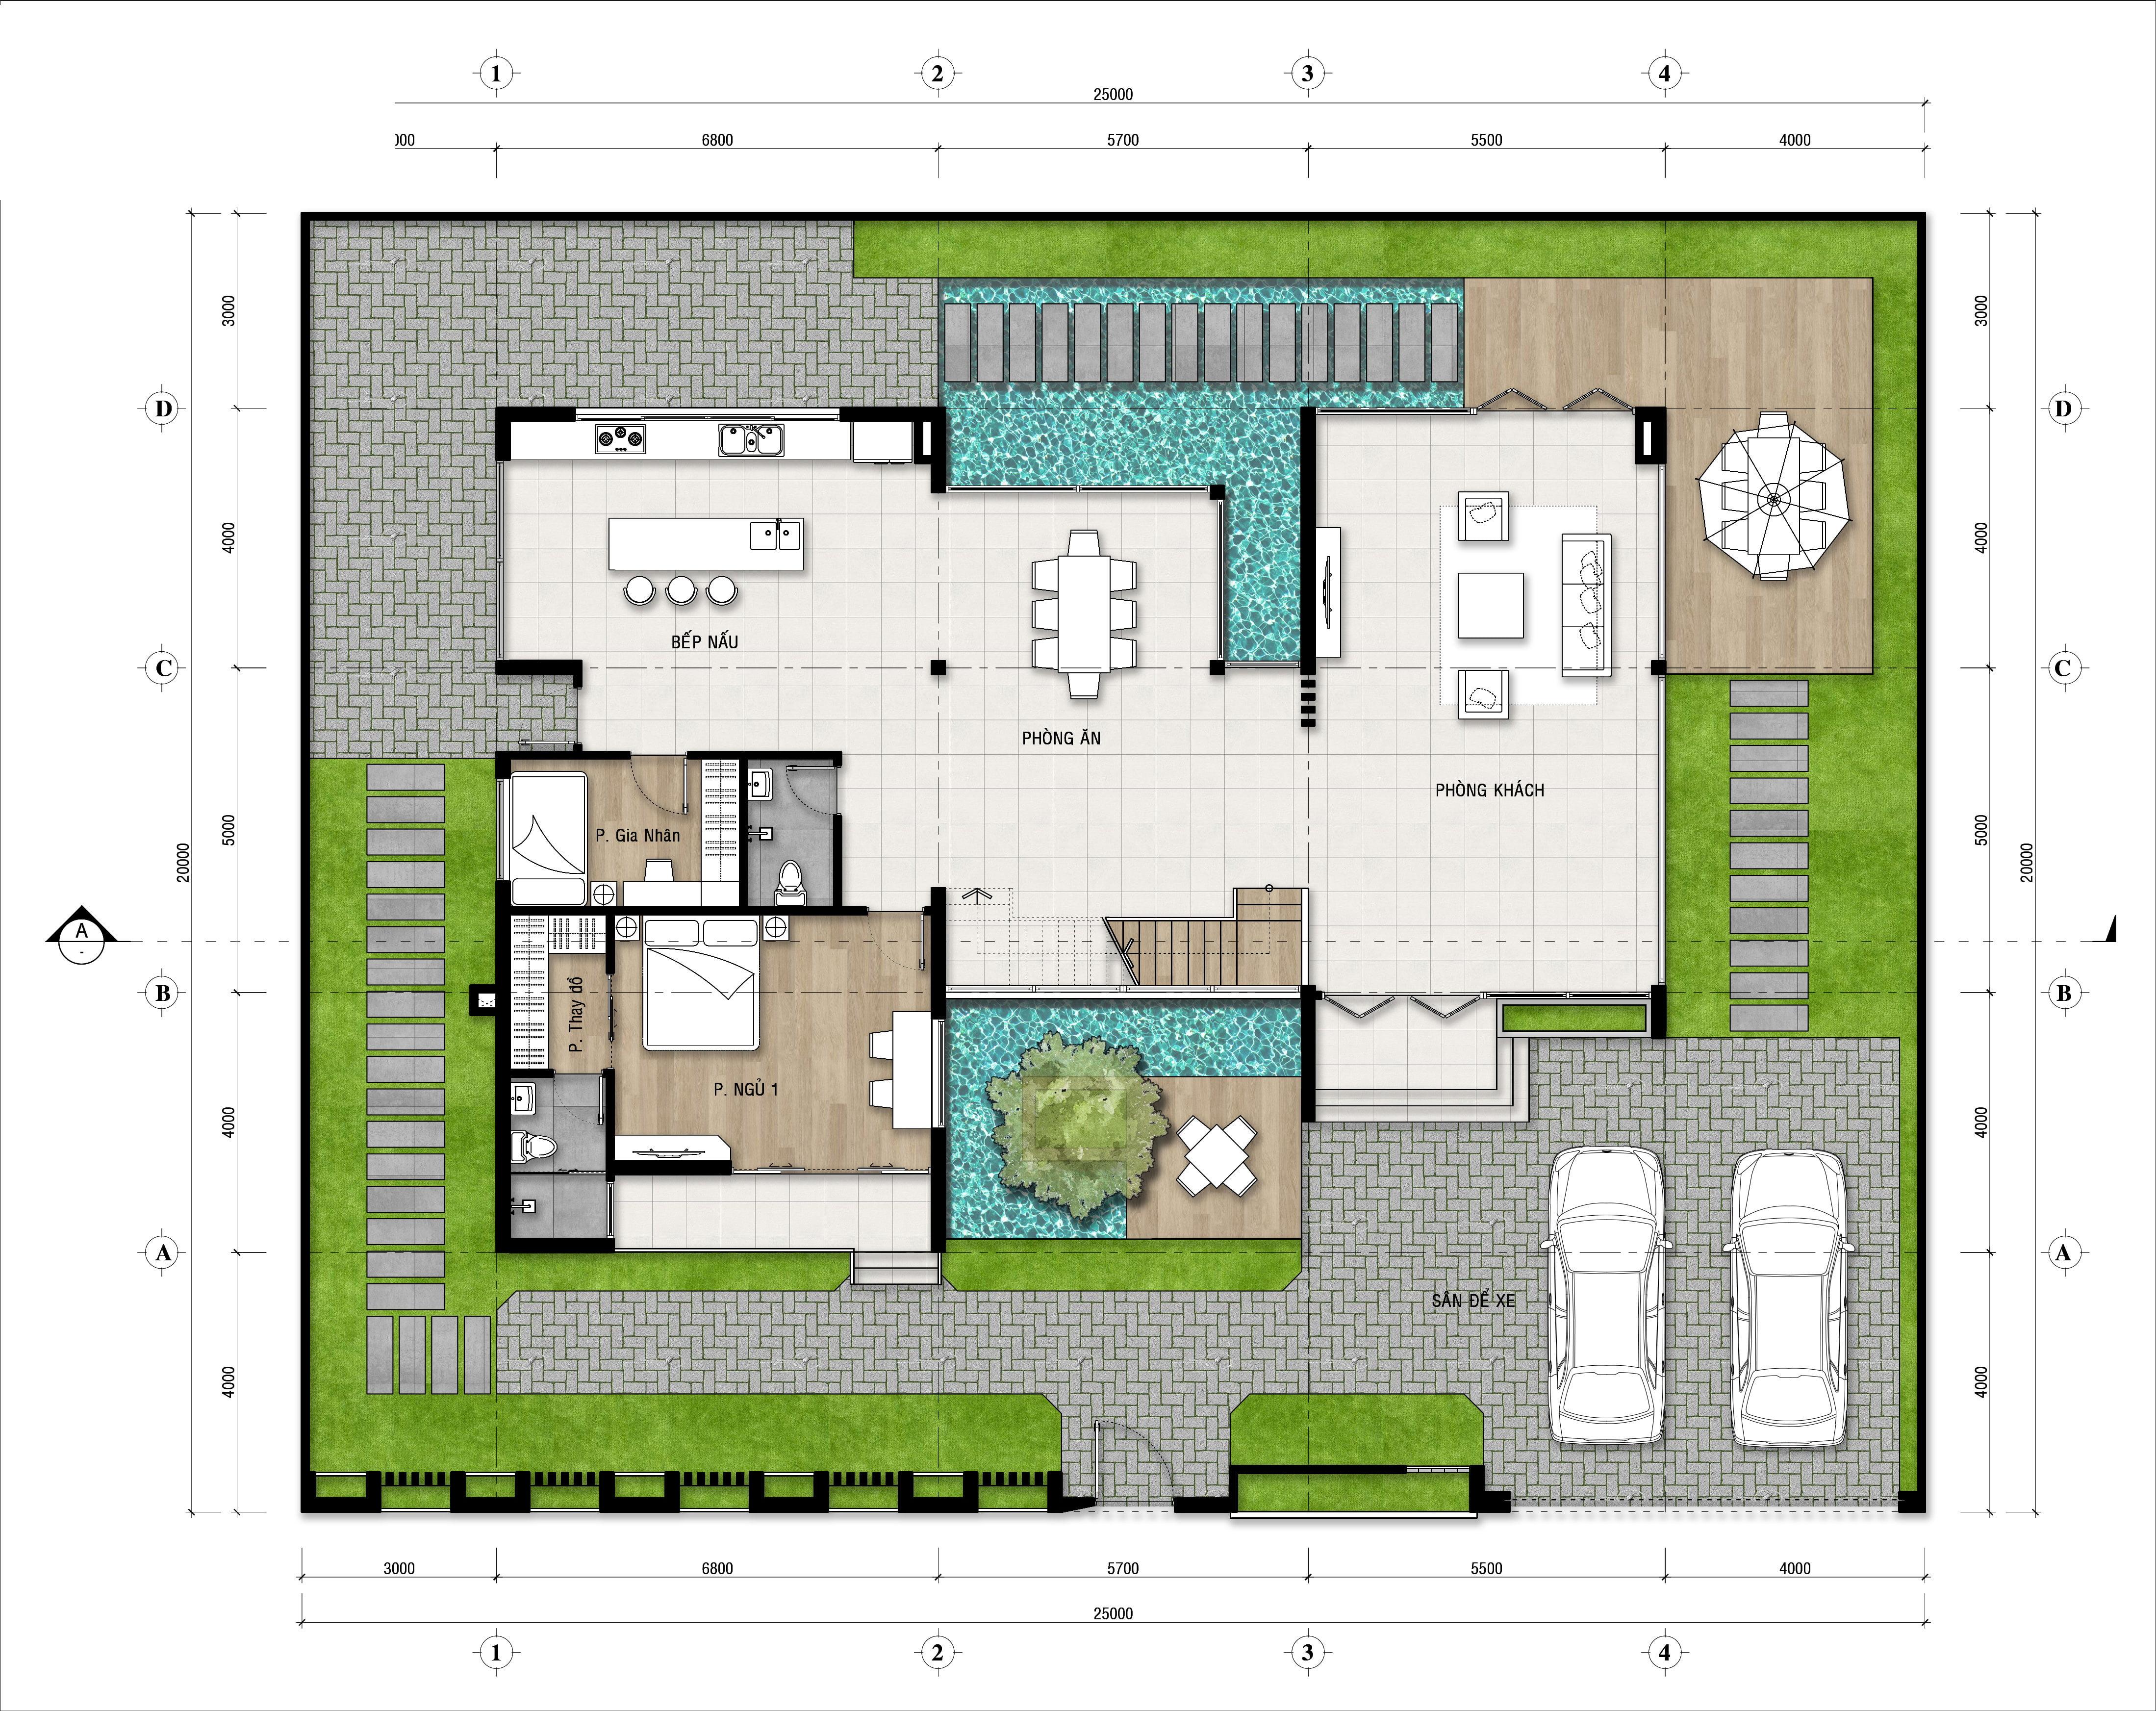 biệt thự 3 tầng hiện đại 25x20m 5